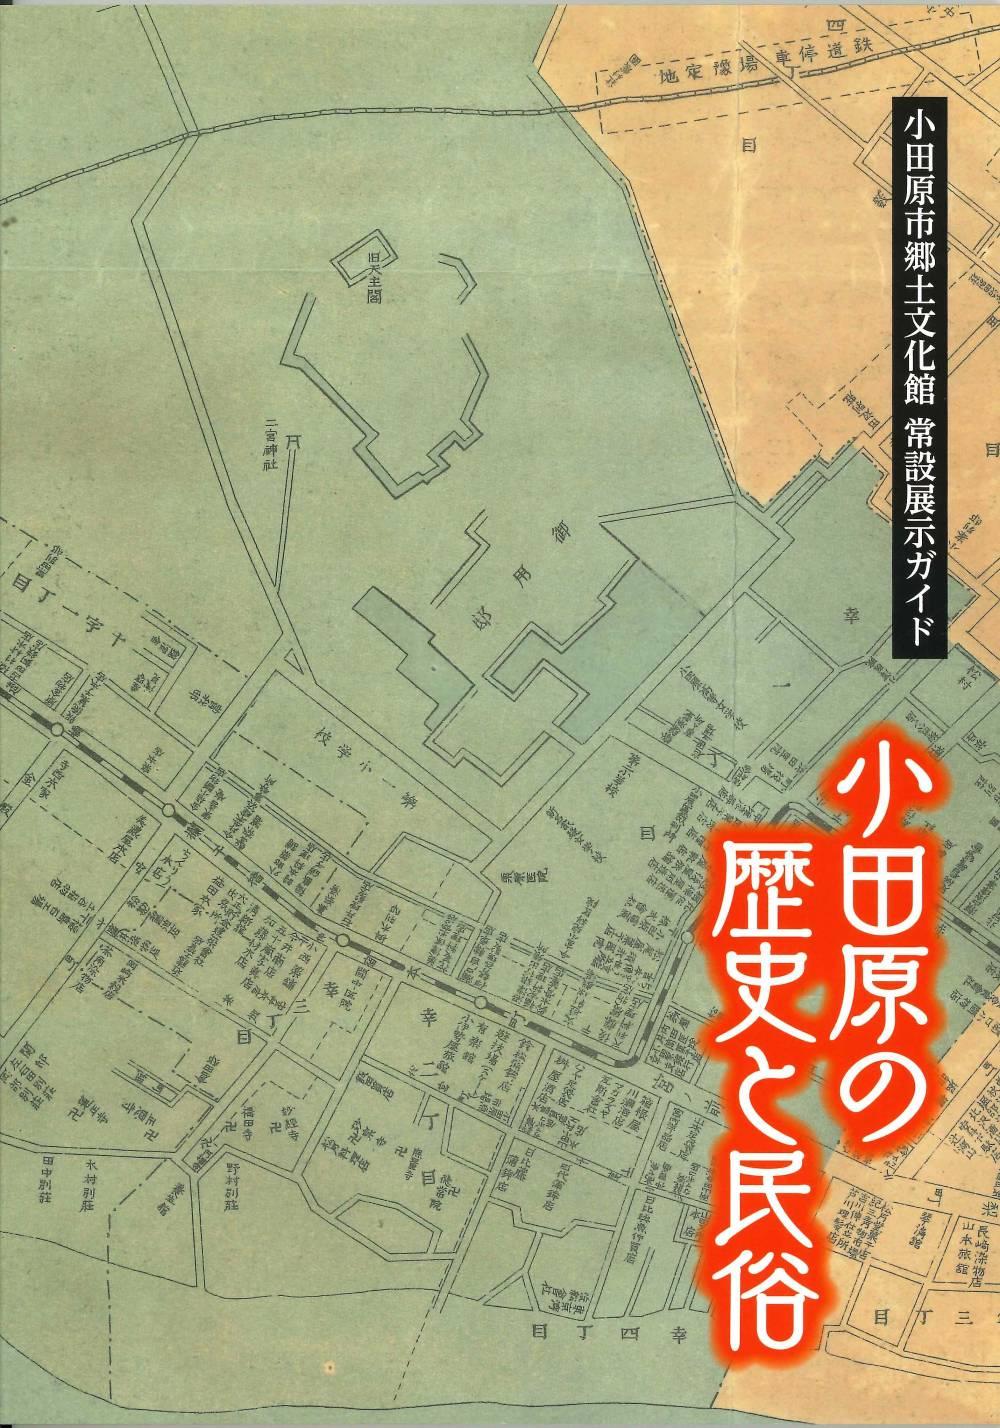 郷土文化館常設展示ガイド『小田原の歴史と民俗』